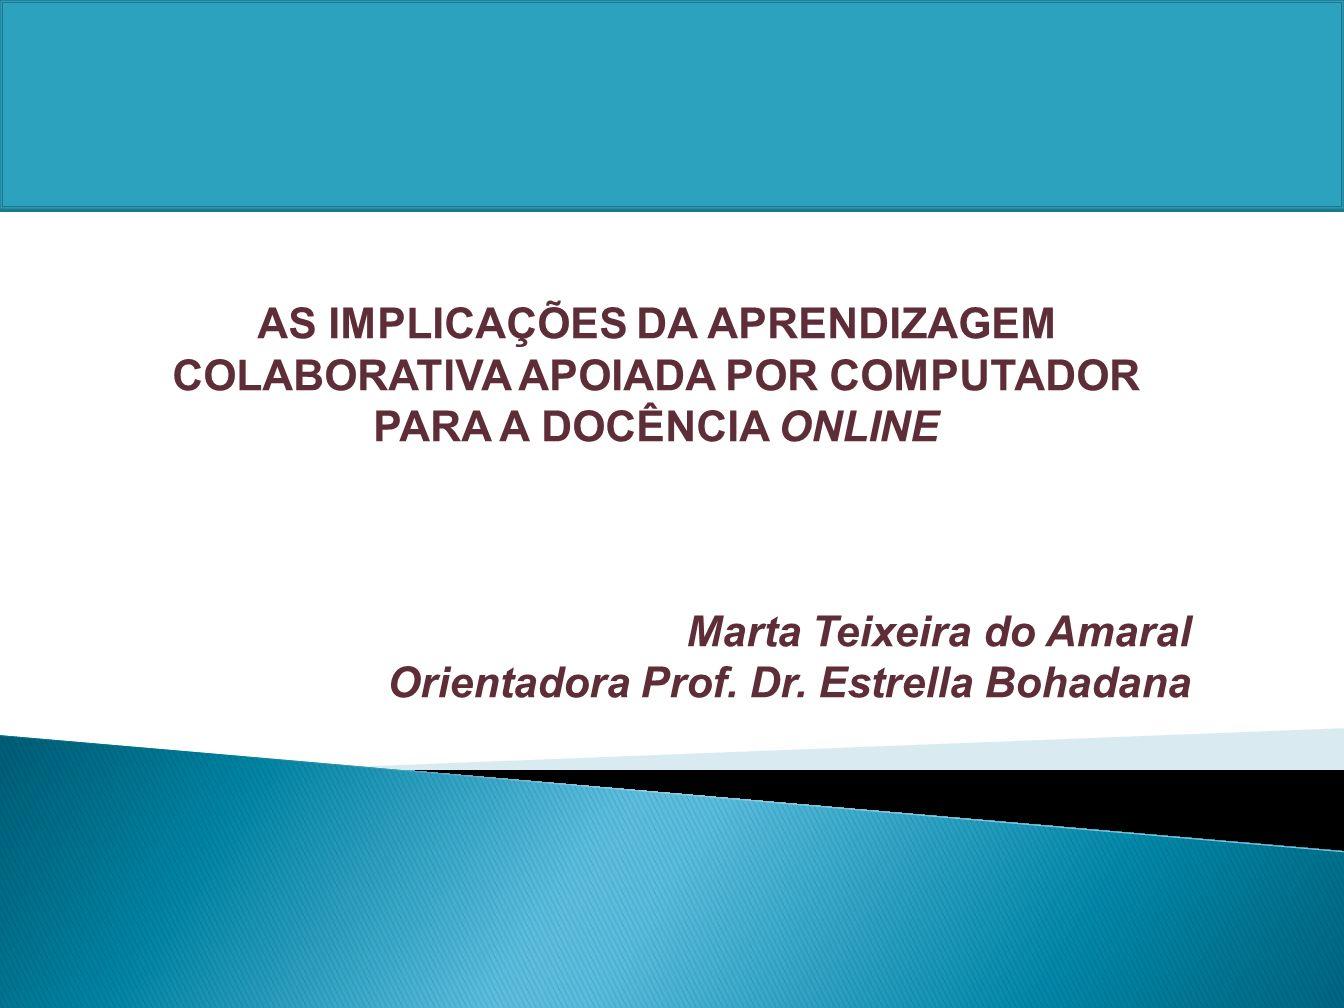 AS IMPLICAÇÕES DA APRENDIZAGEM COLABORATIVA APOIADA POR COMPUTADOR PARA A DOCÊNCIA ONLINE